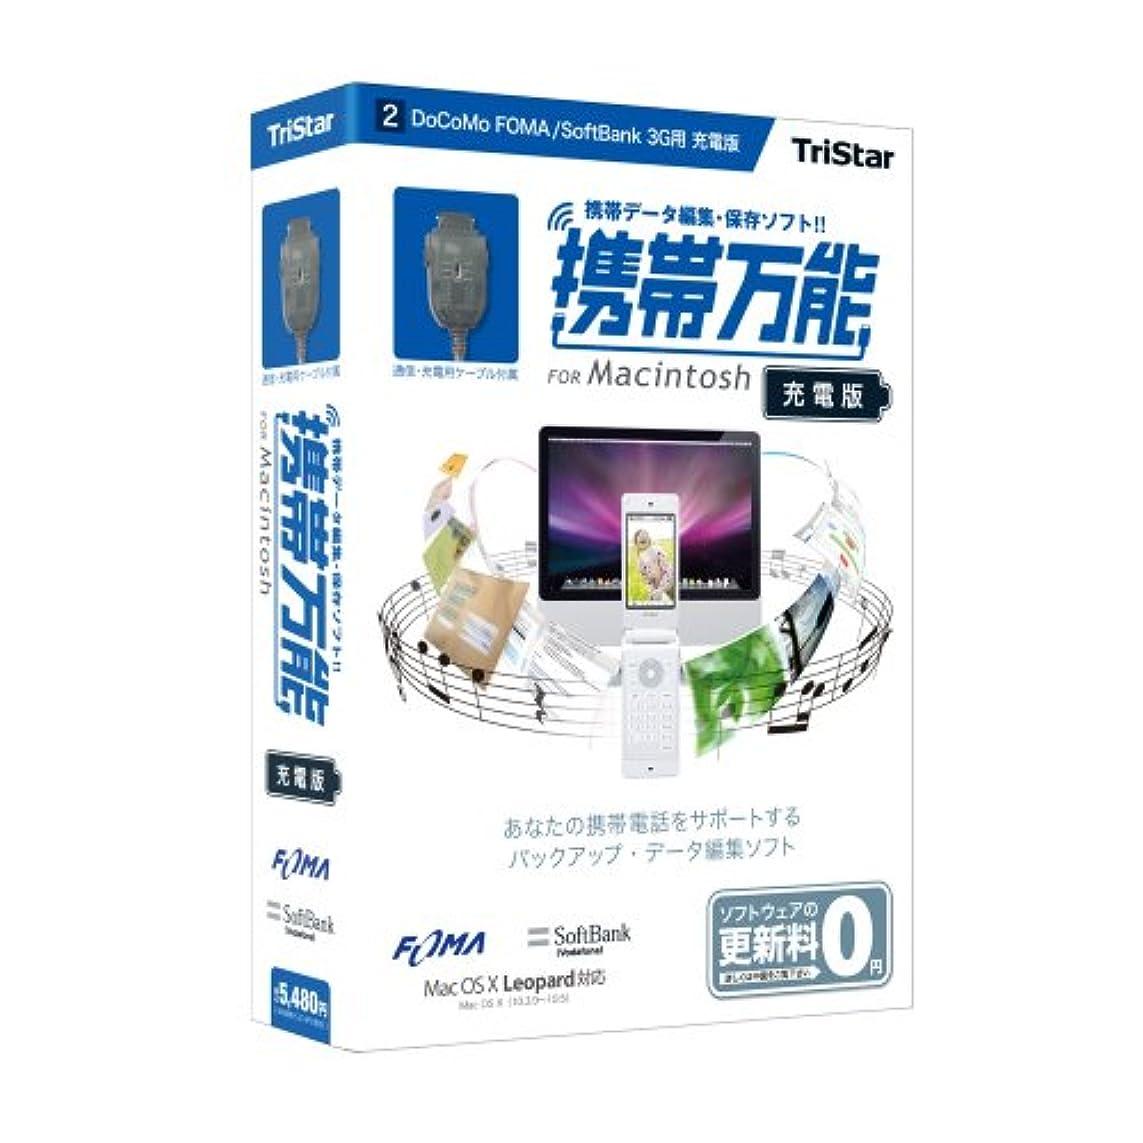 気分が良い論争的報酬の携帯万能 for Macintosh DoCoMo FOMA / SoftBank 3G用 充電版